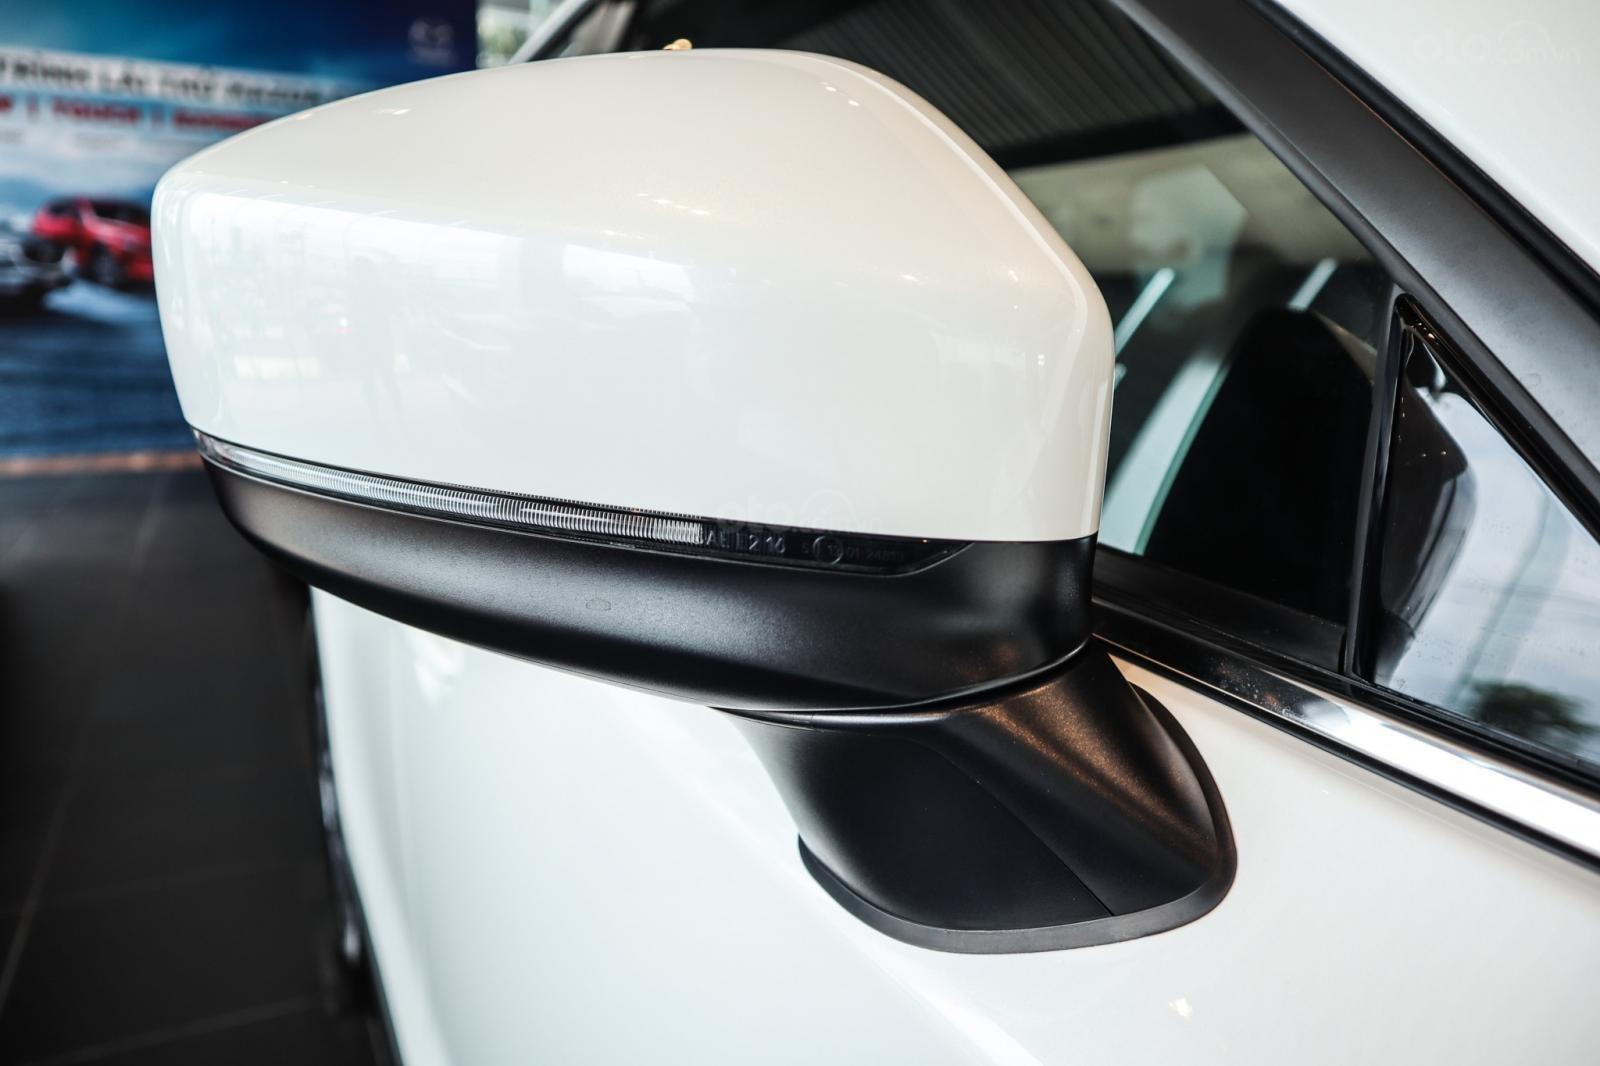 Bán Mazda CX5 đẳng cấp thời thượng, là sự lựa chọn thông minh và giá hợp lý (9)